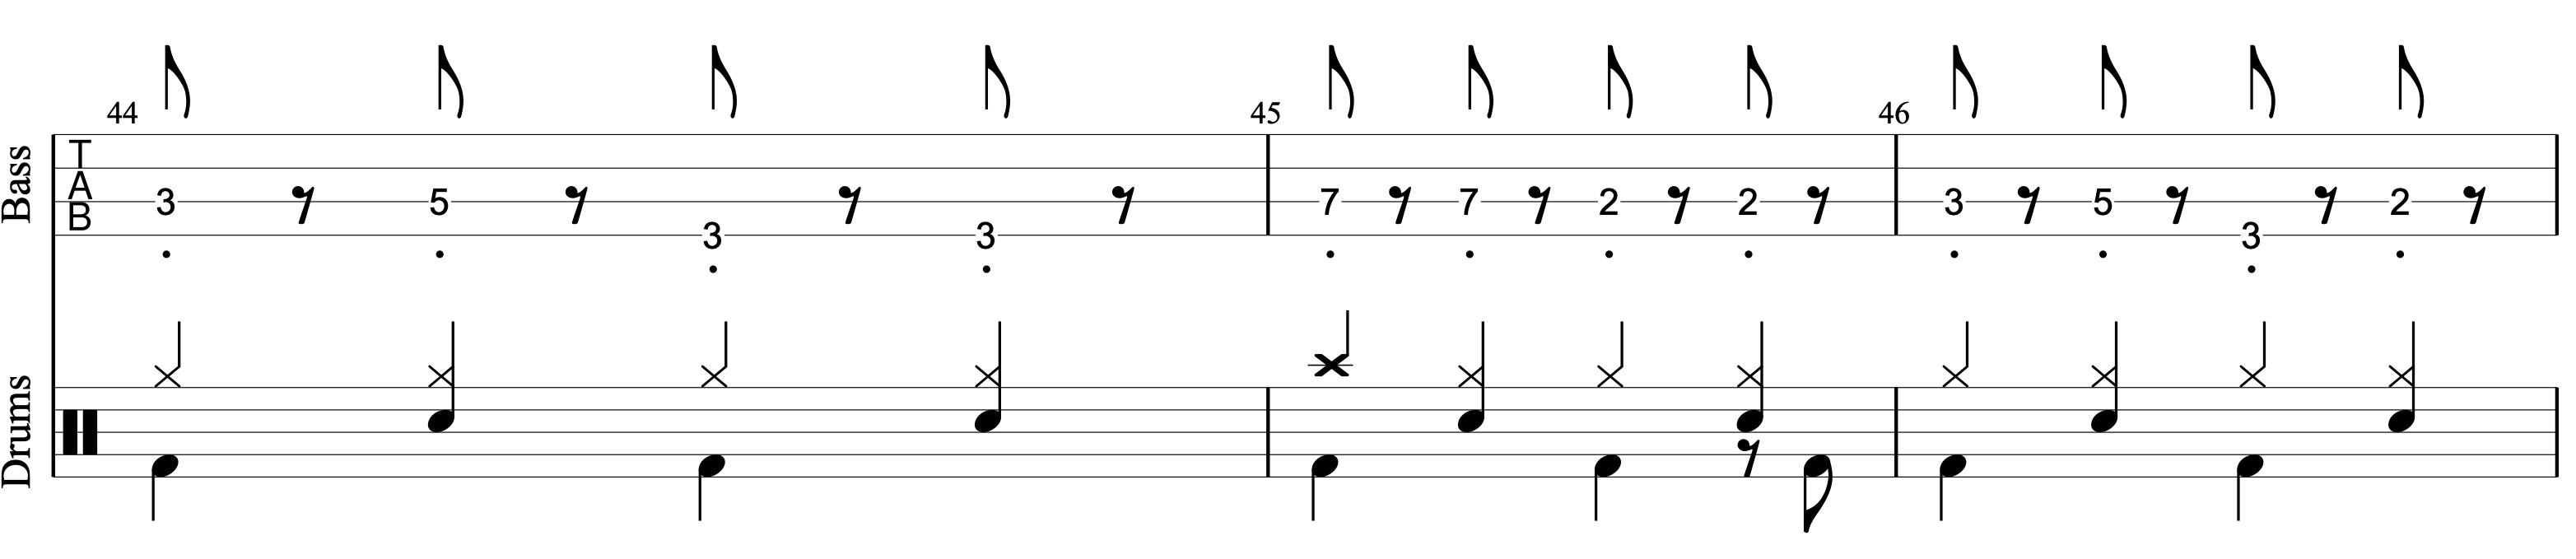 夜明け と 蛍 ピアノ 楽譜